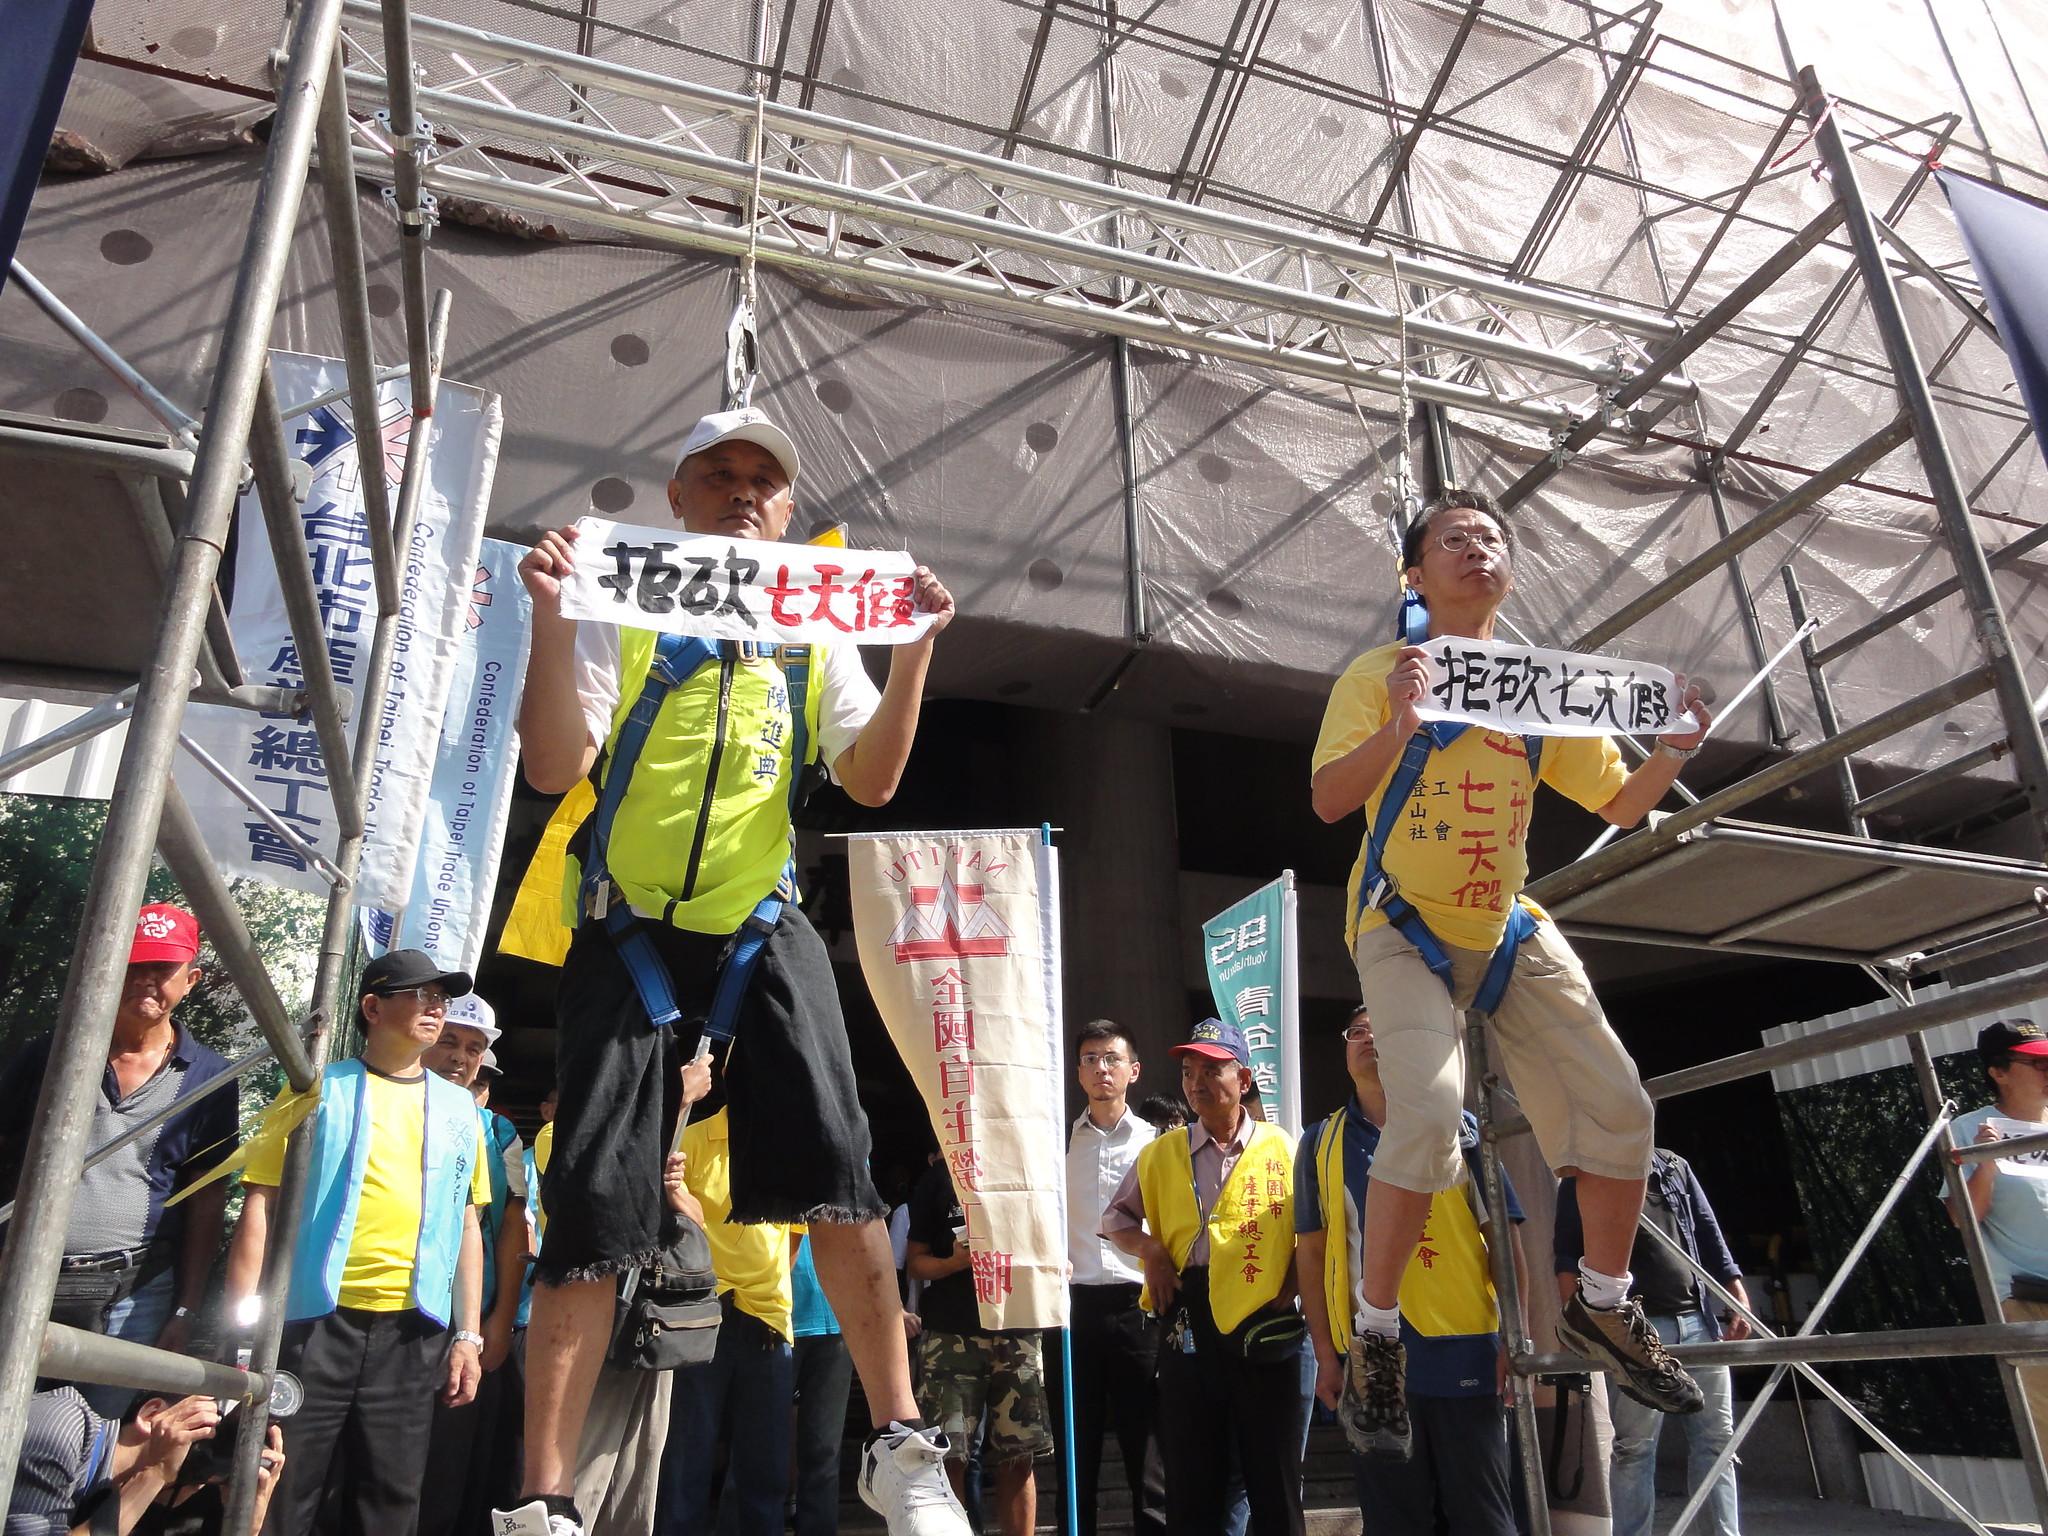 勞團用懸掛上吊的方式,表現工人的休假權「命懸一線」。(攝影:張智琦)